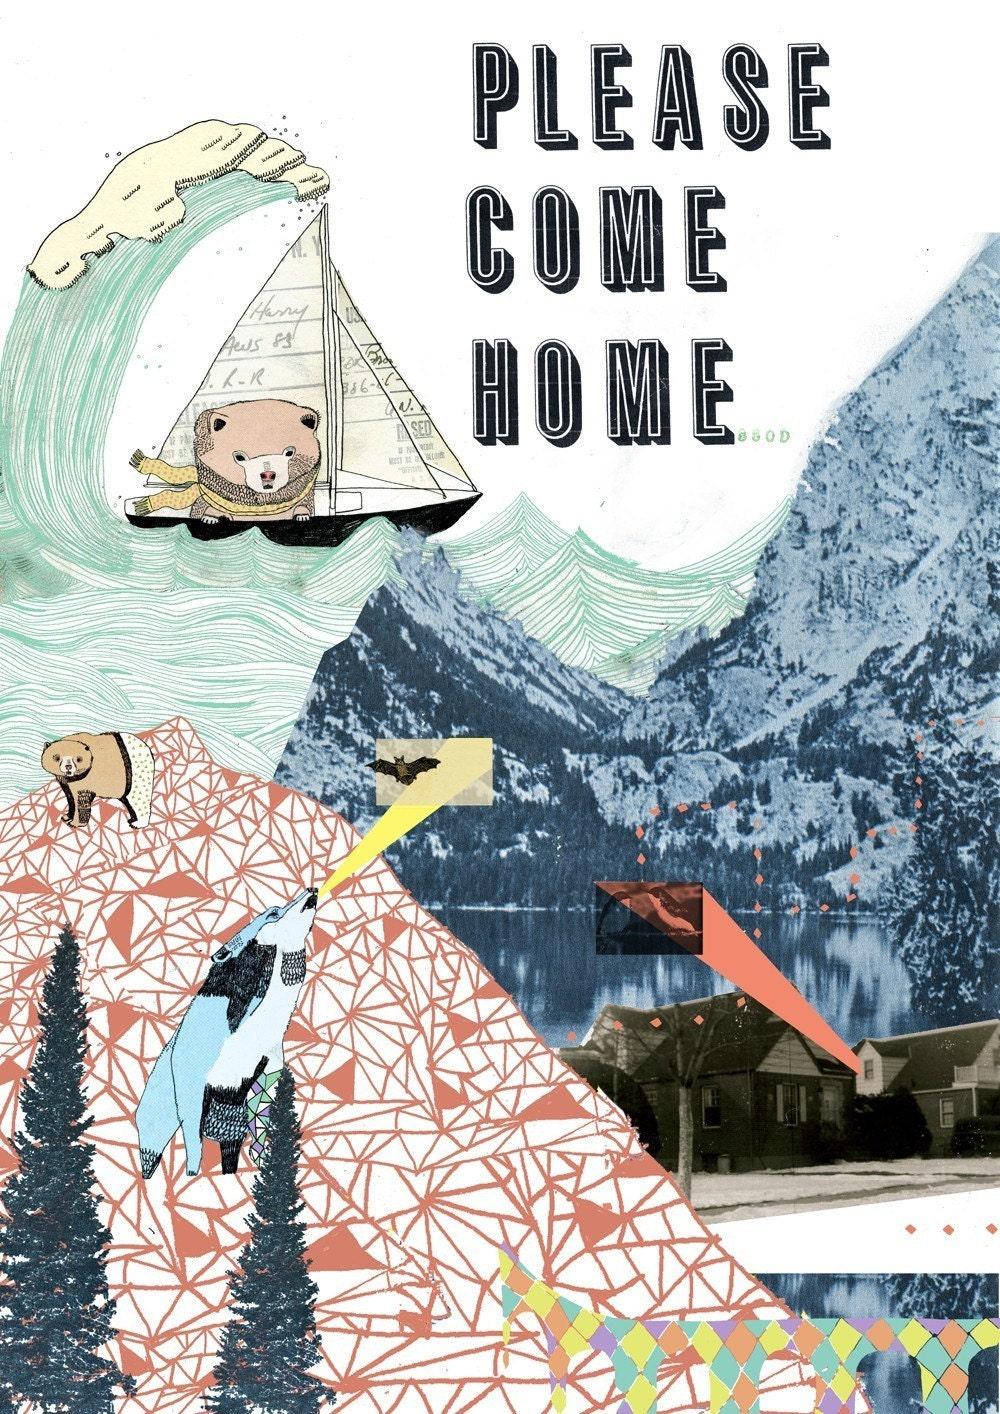 Please Come Home 5 x 7 Print